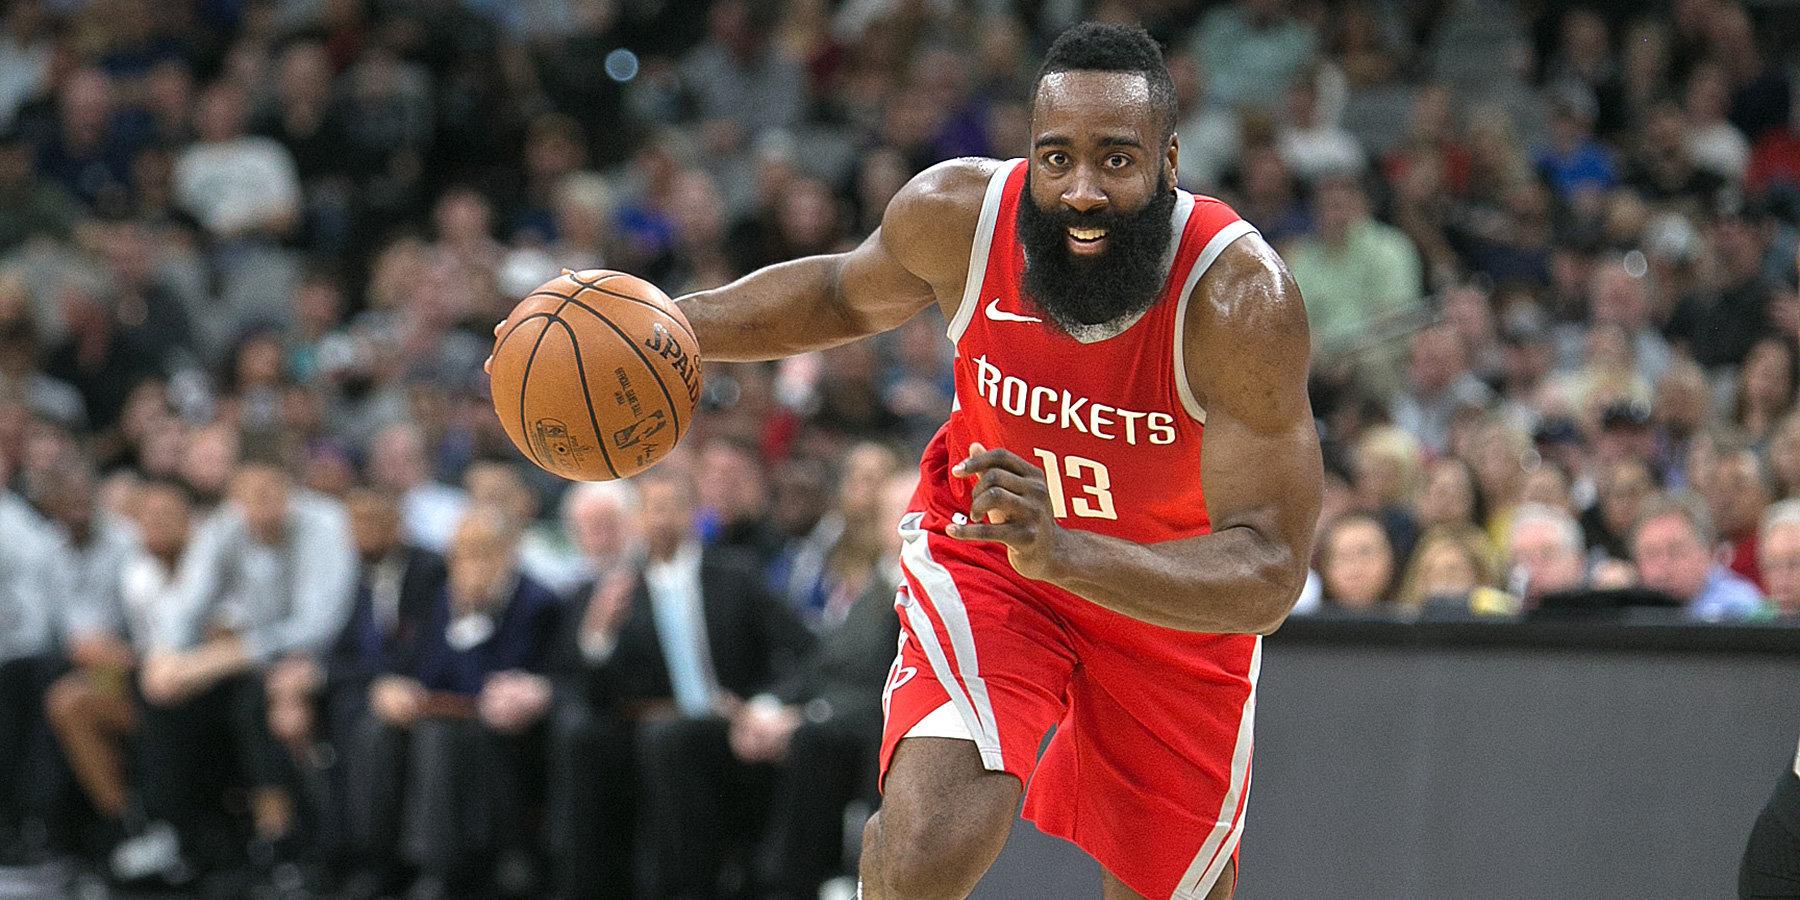 Харден поднялся на 7-е место в истории НБА по трехочковым попаданиям